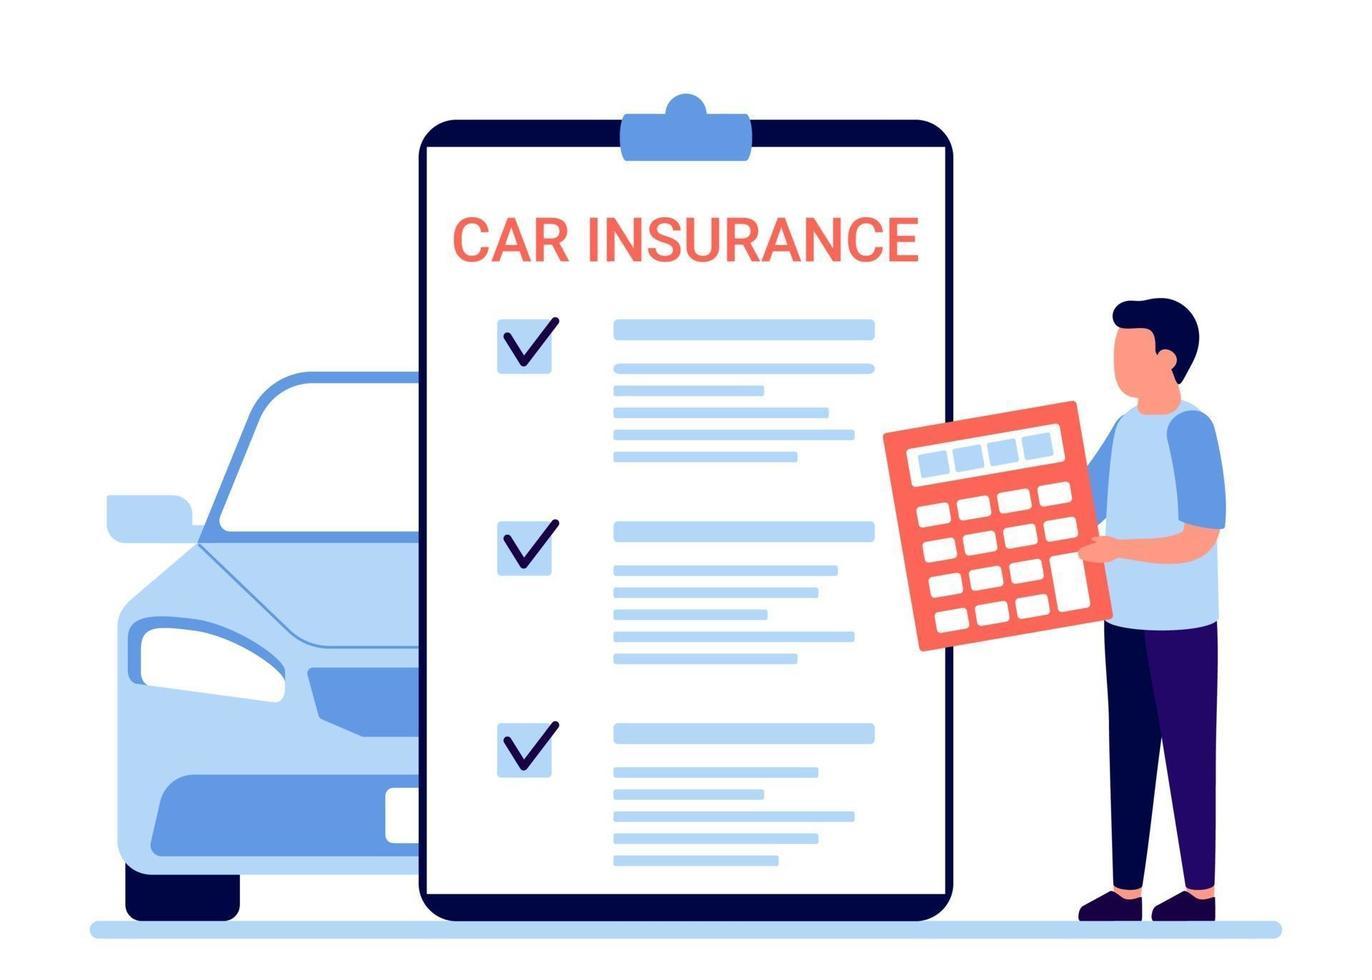 seguro automóvel, documento de reclamação automóvel. conta o formulário de imposto sobre a propriedade do veículo vetor